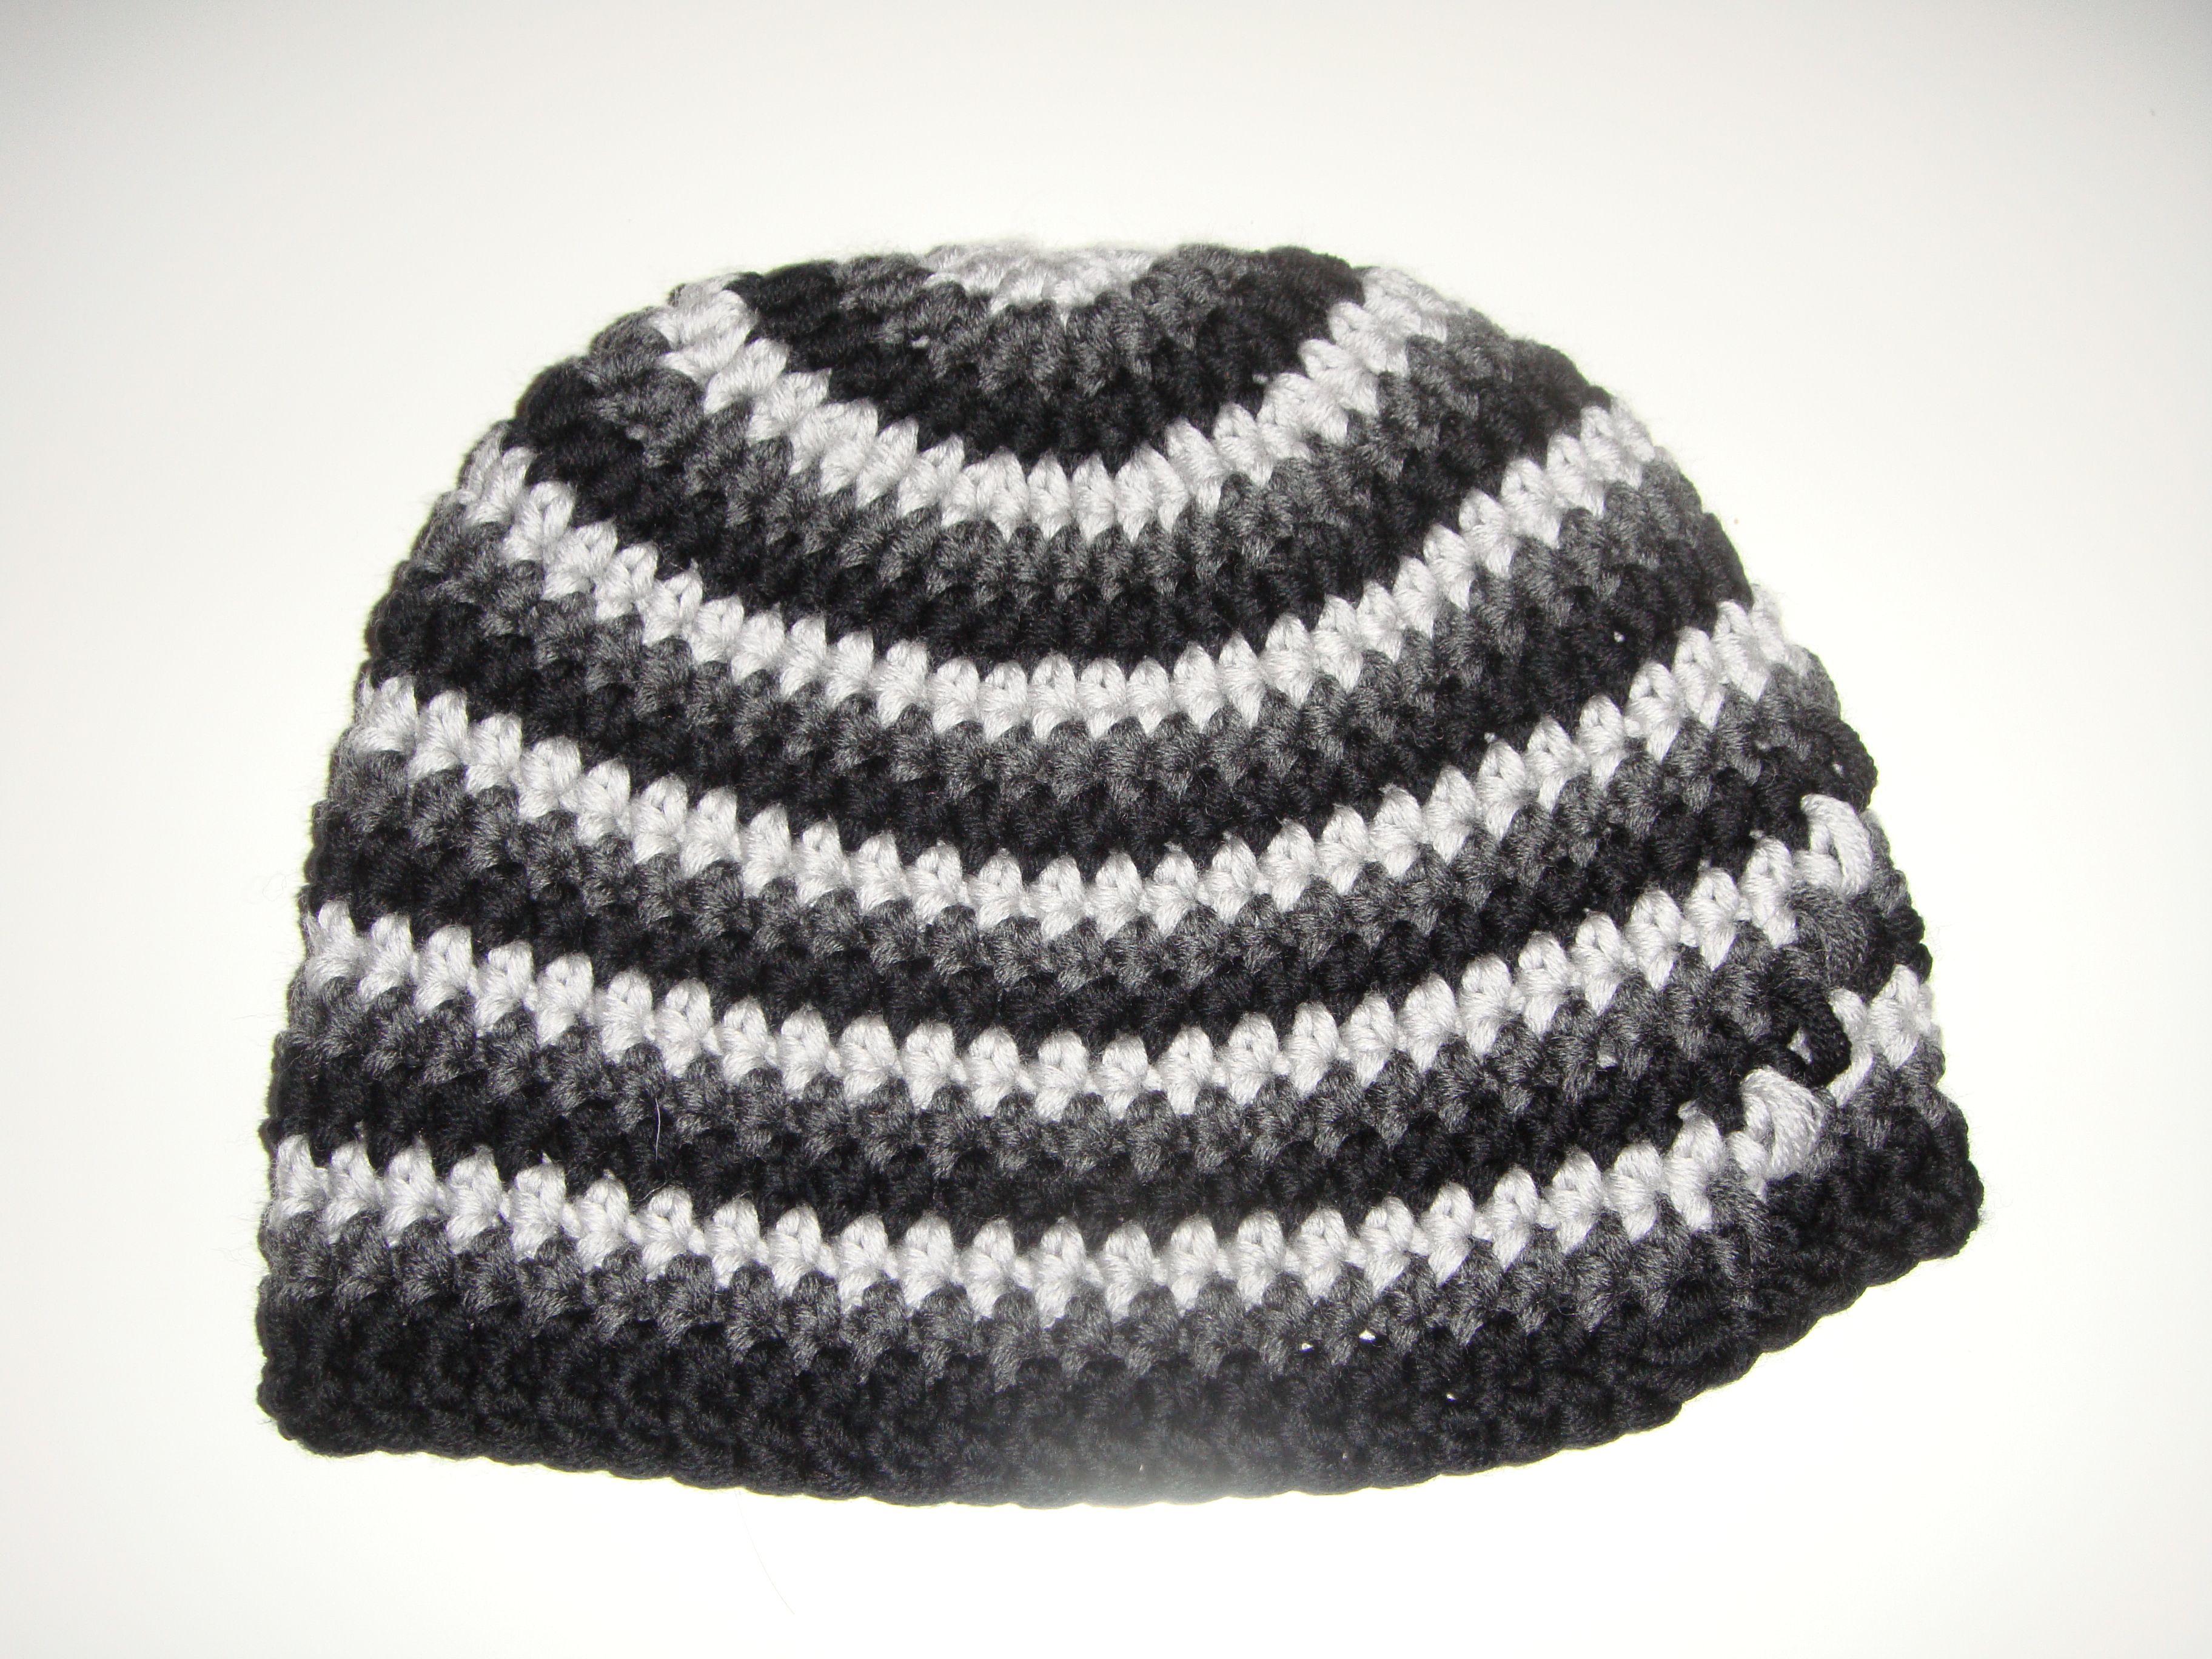 eine neue Mütze in hellgrau, dunkelgrau und schwarz